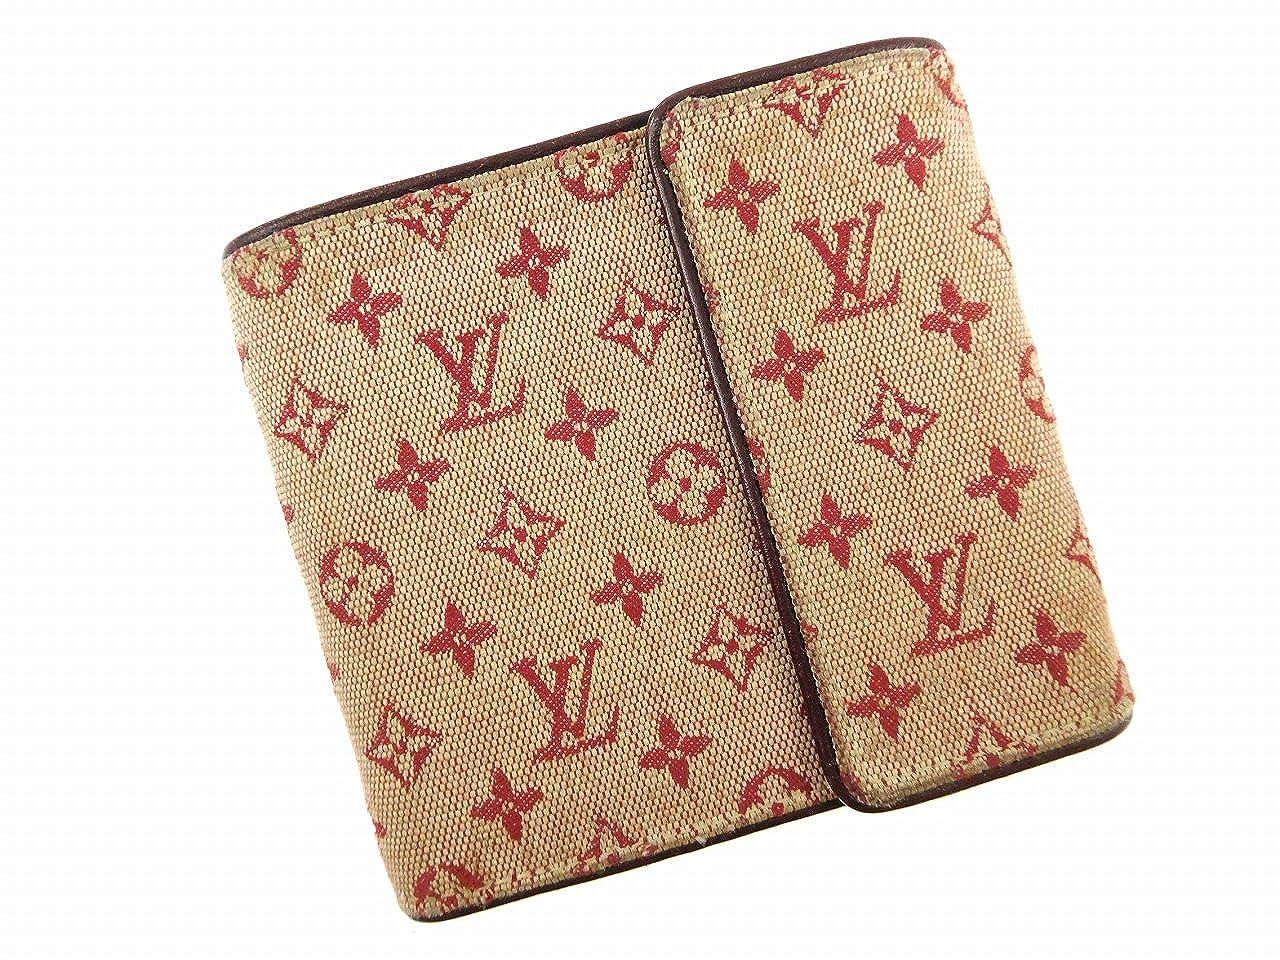 [ルイヴィトン] LOUIS VUITTON 二つ折り財布 モノグラムミニ M92241 キャンバス×レザー X14814 中古   B06Y468VL2